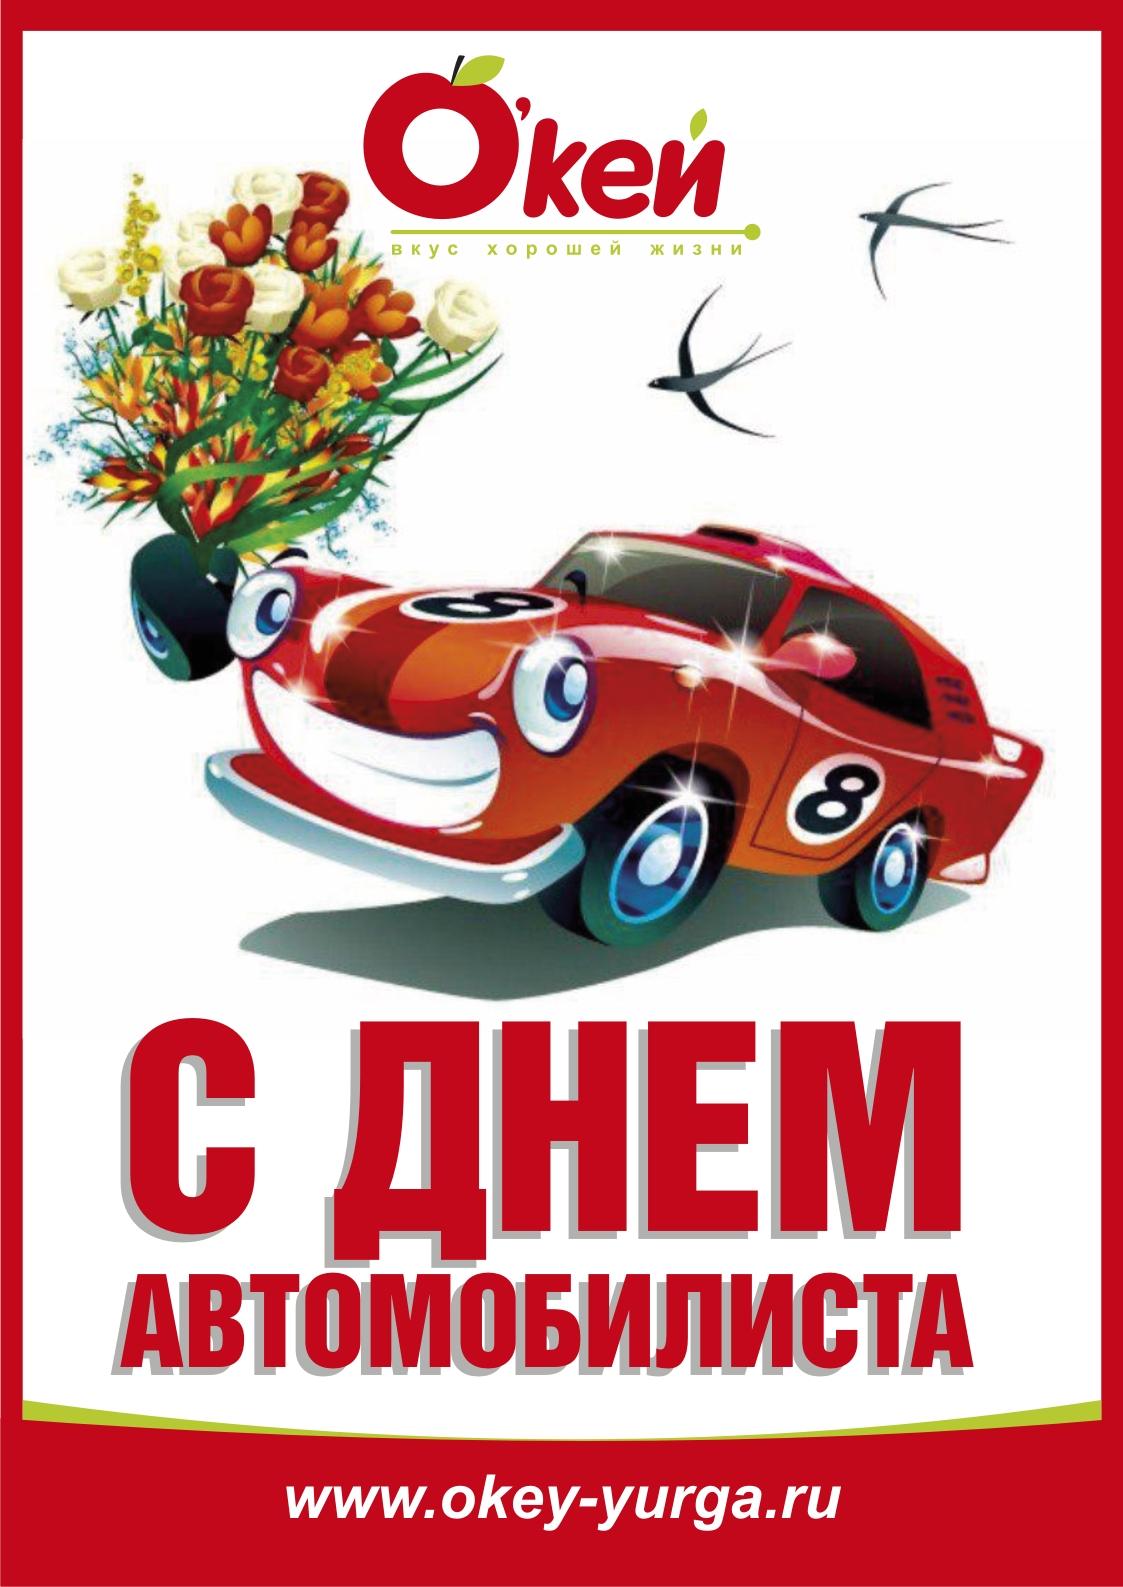 Поздравление с днем автомобилиста диспетчеру